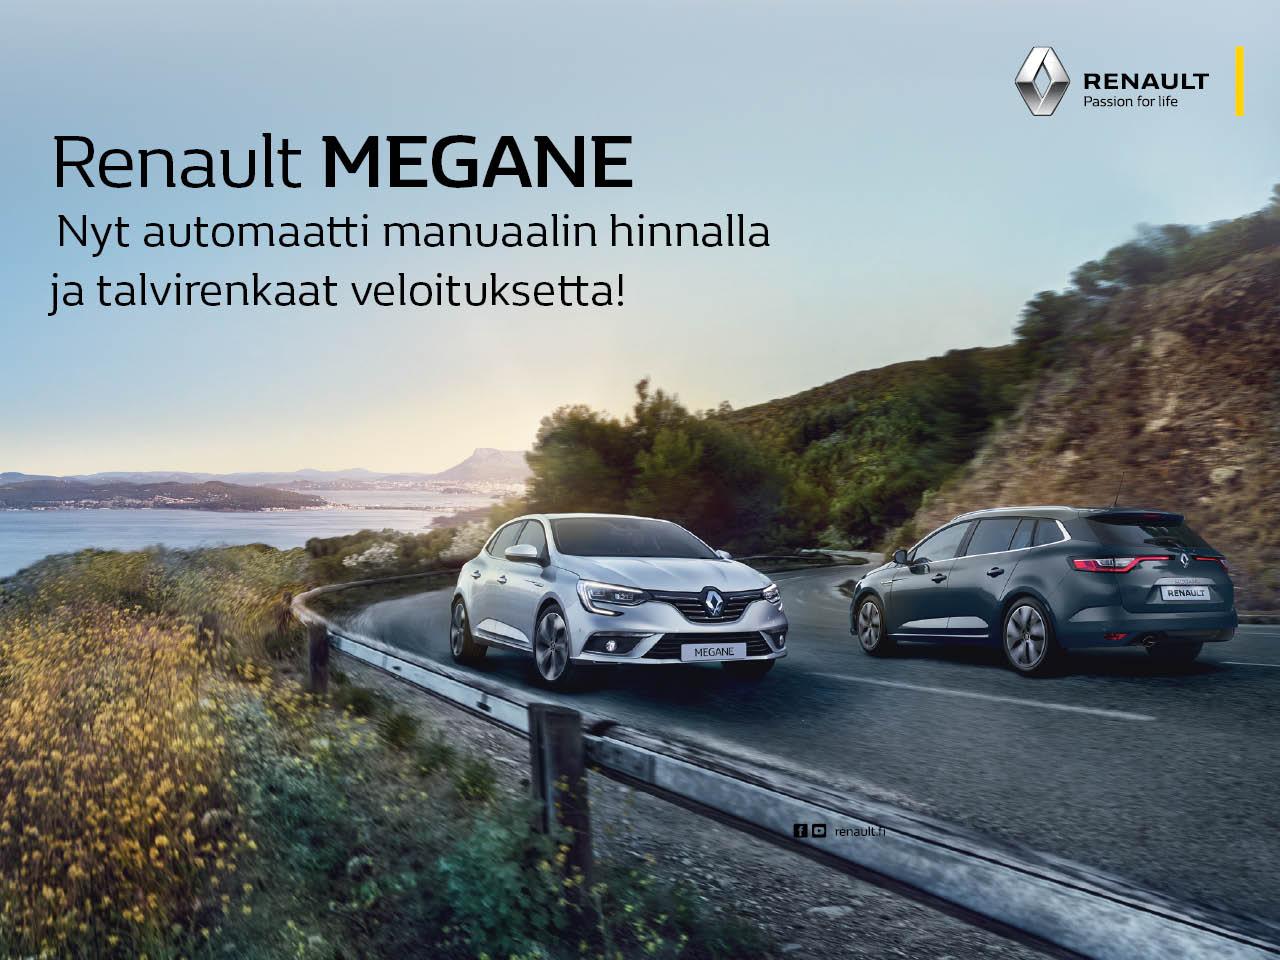 Renault Megane - automaattivaihteisto ja talvirenkaat 0 €